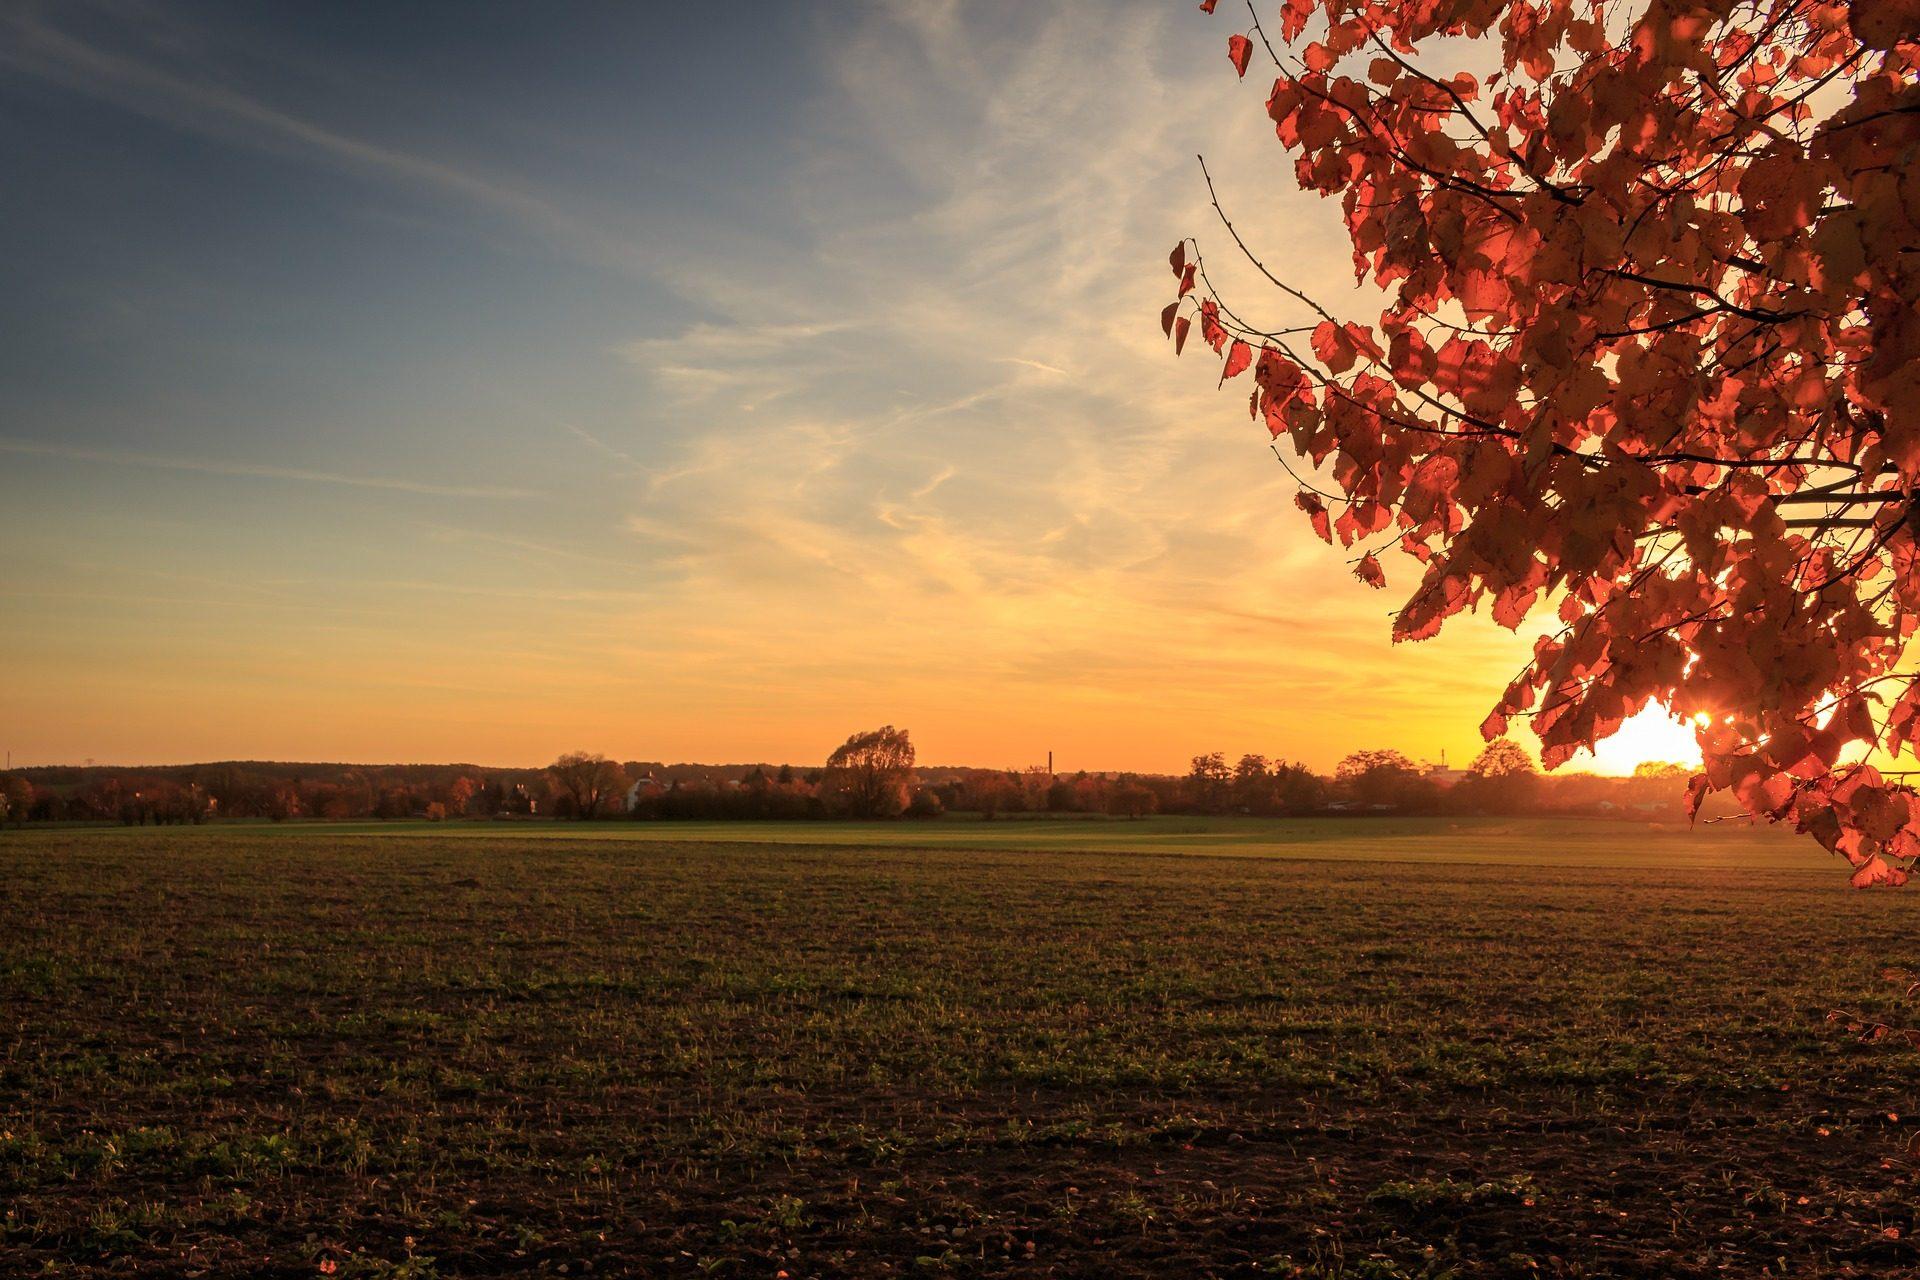 campo, PRADO, alberi, Tramonto, Sole, luce, foglie, Orange - Sfondi HD - Professor-falken.com